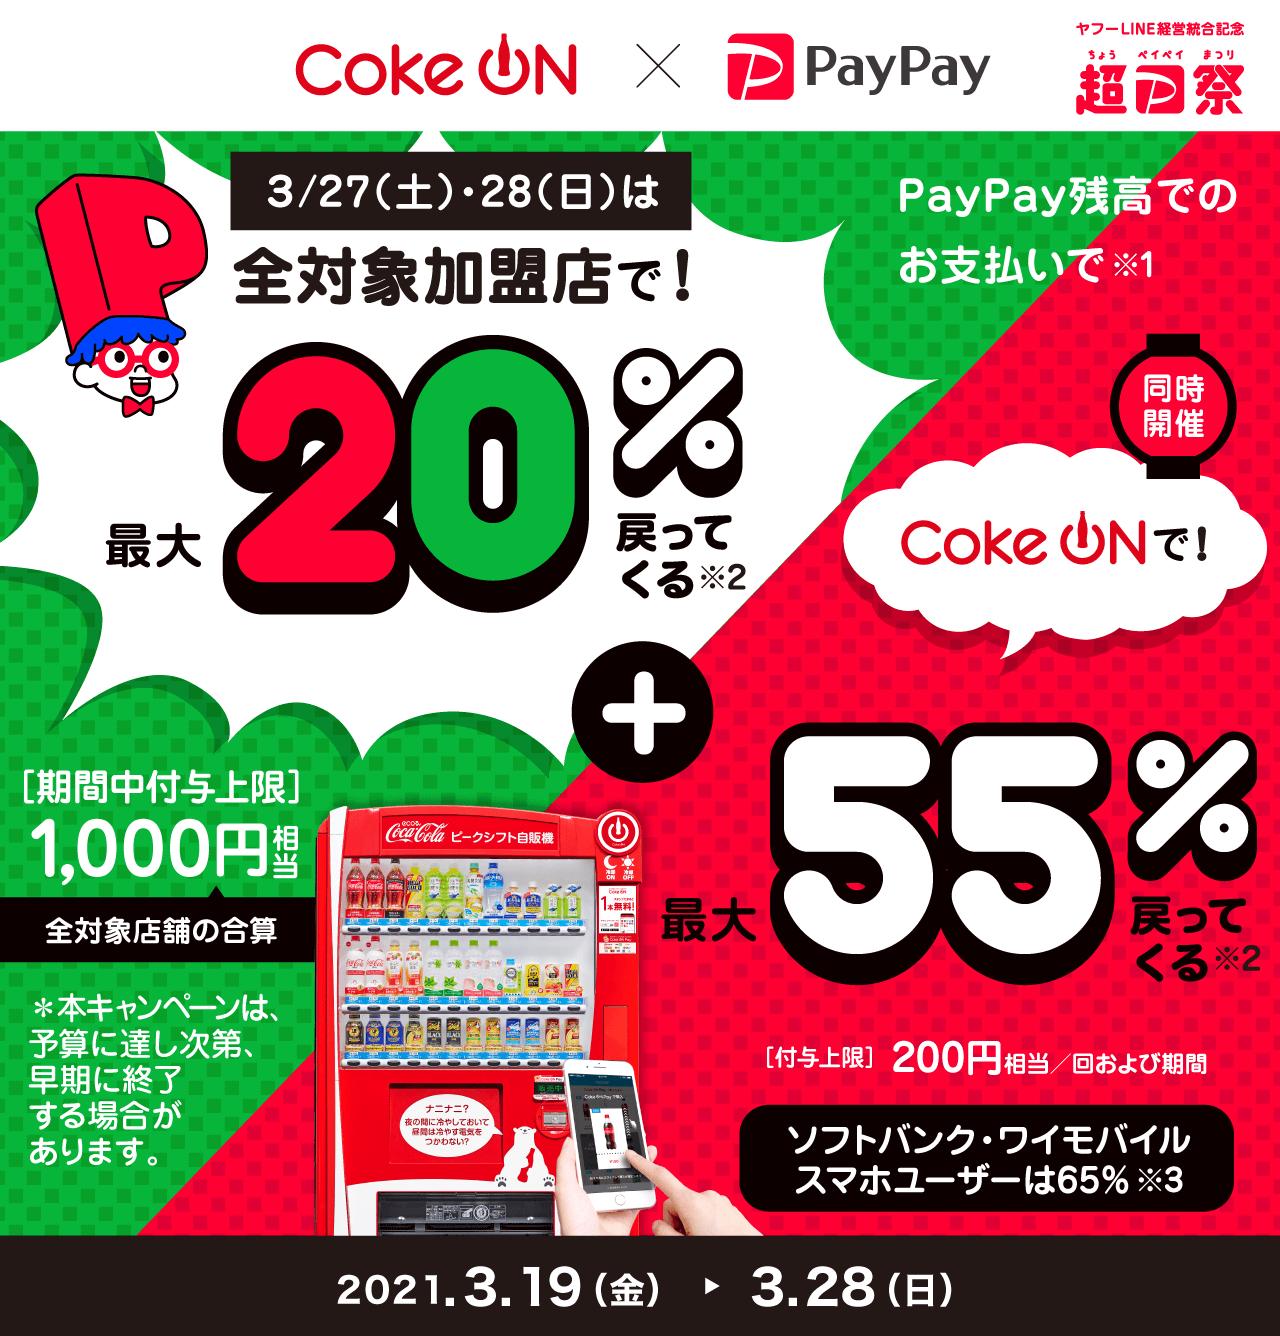 3/27(土)・28(日)は全対象加盟店で!最大20%戻ってくる + Coke ONで!最大55%戻ってくる